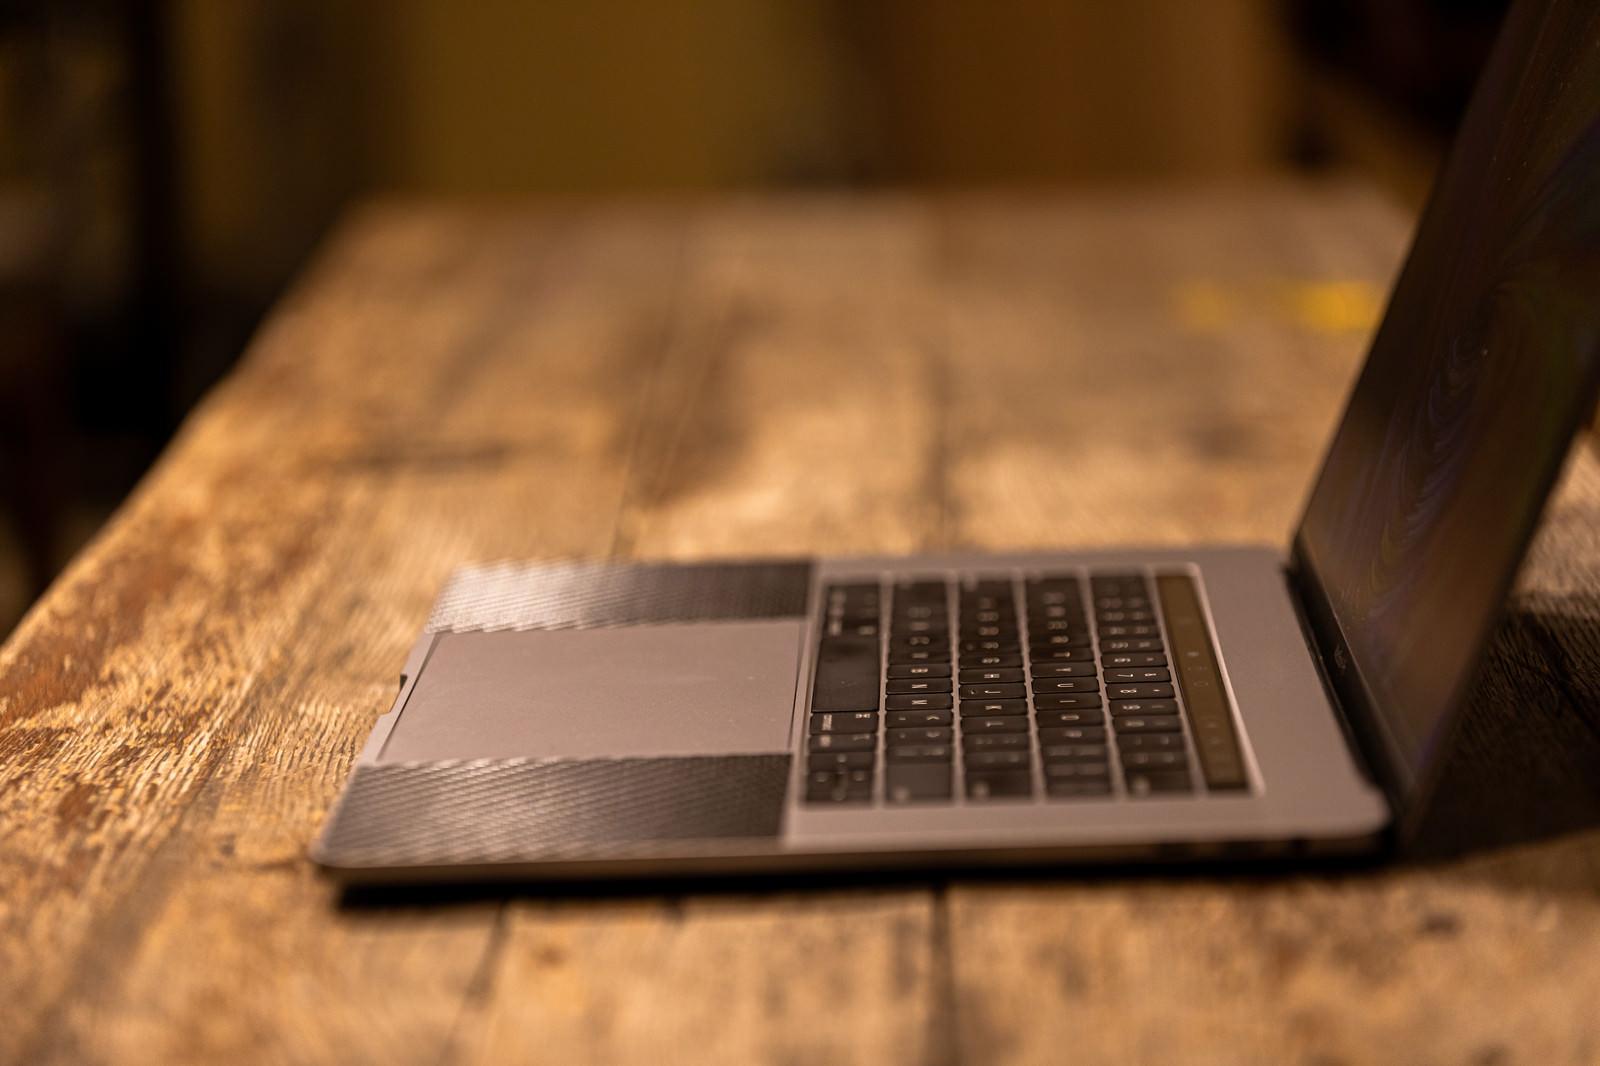 「横から見たキーボード部分(MacBook Pro)」の写真